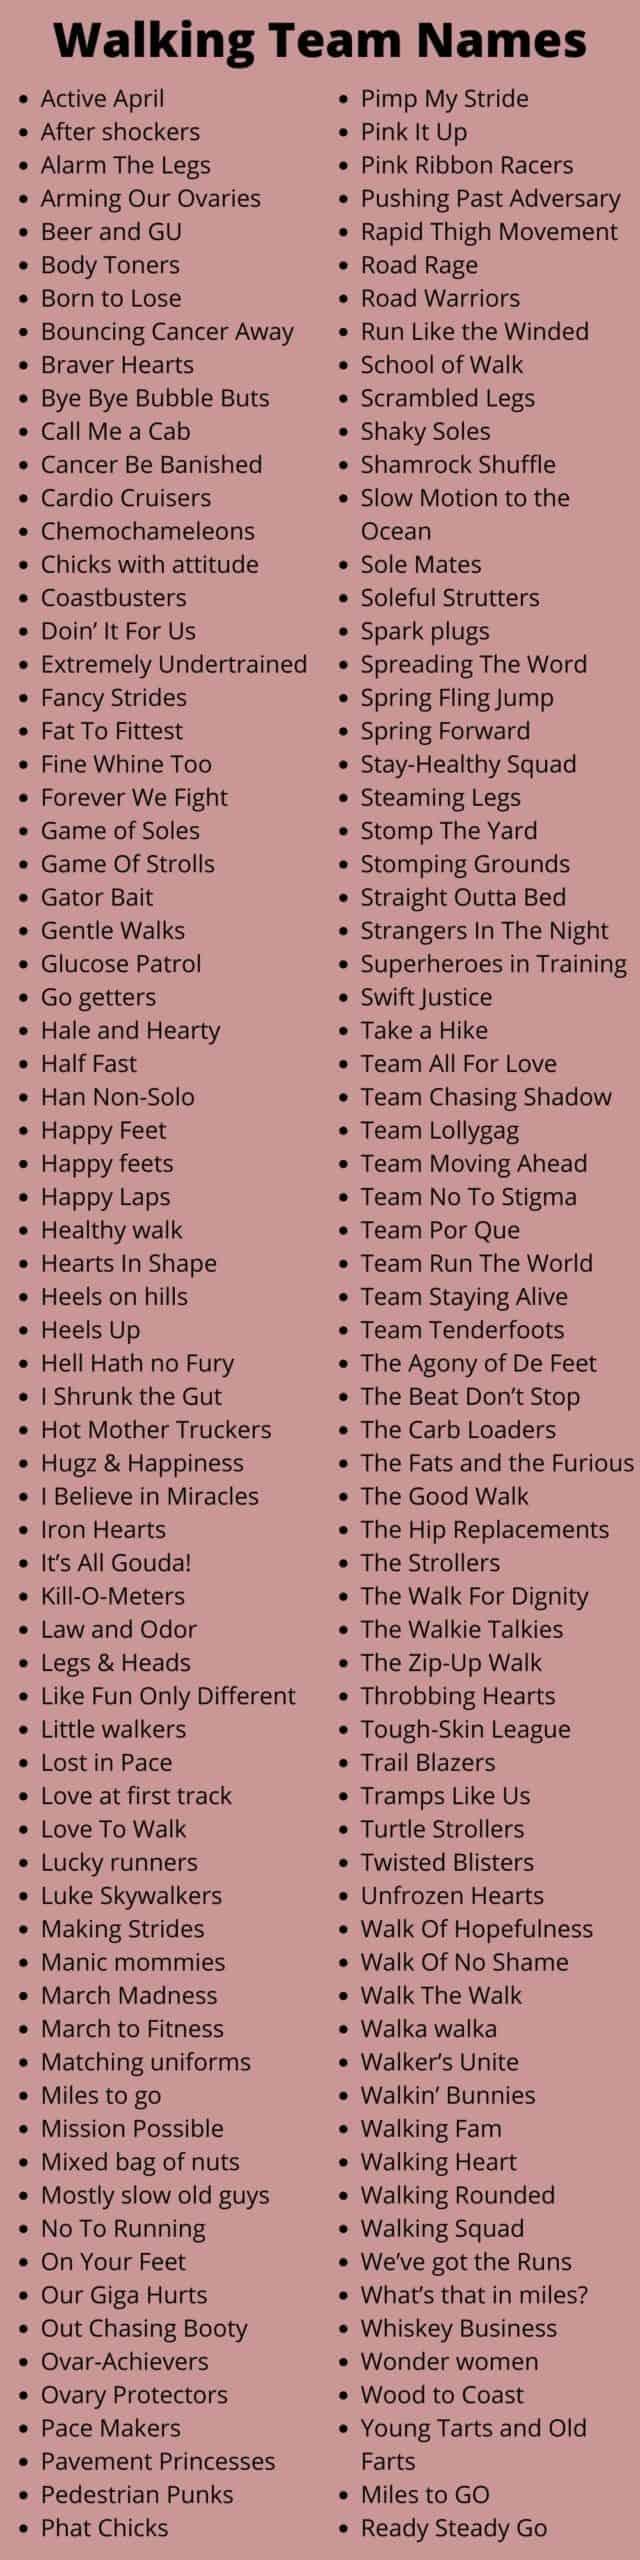 Walking Team Names